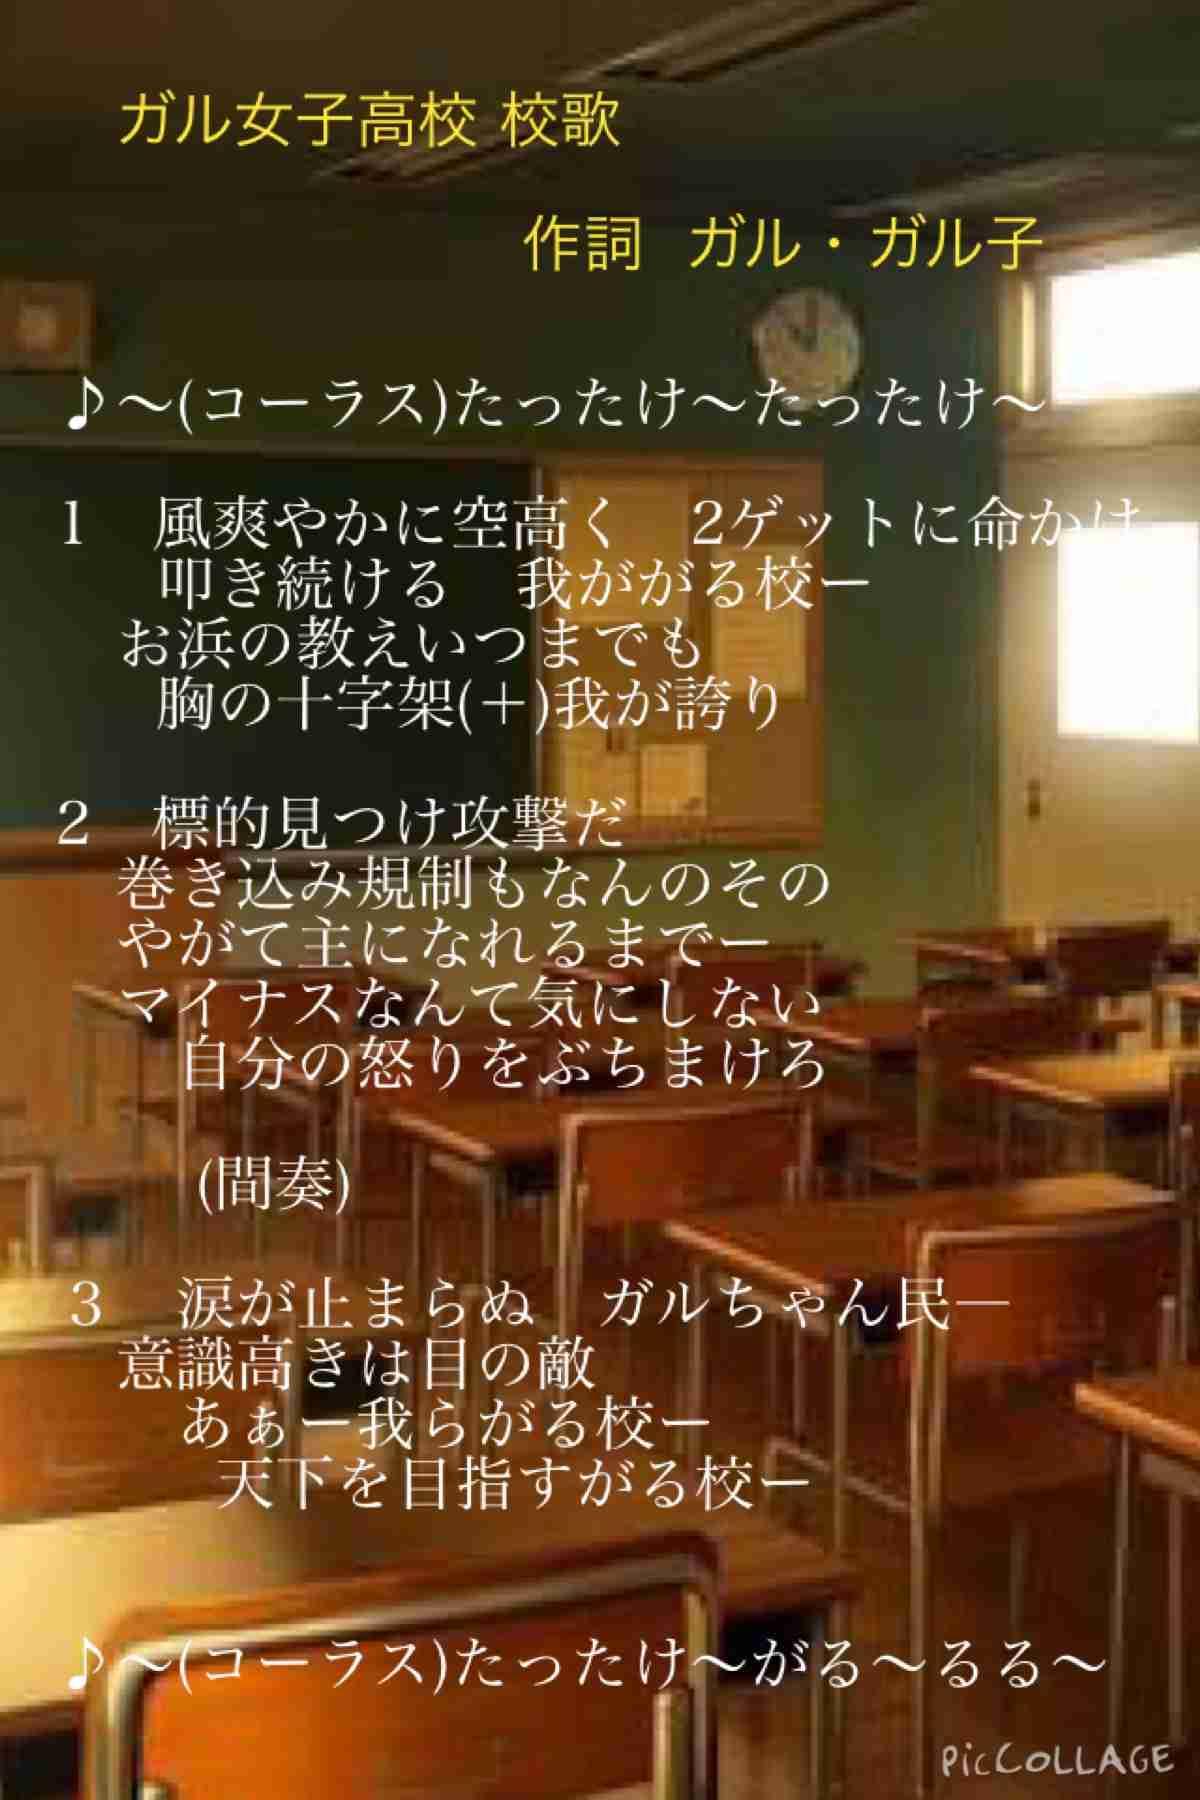 【ガル女子高校】ワンフレーズを繋げて校歌を完成させよう!【校歌】